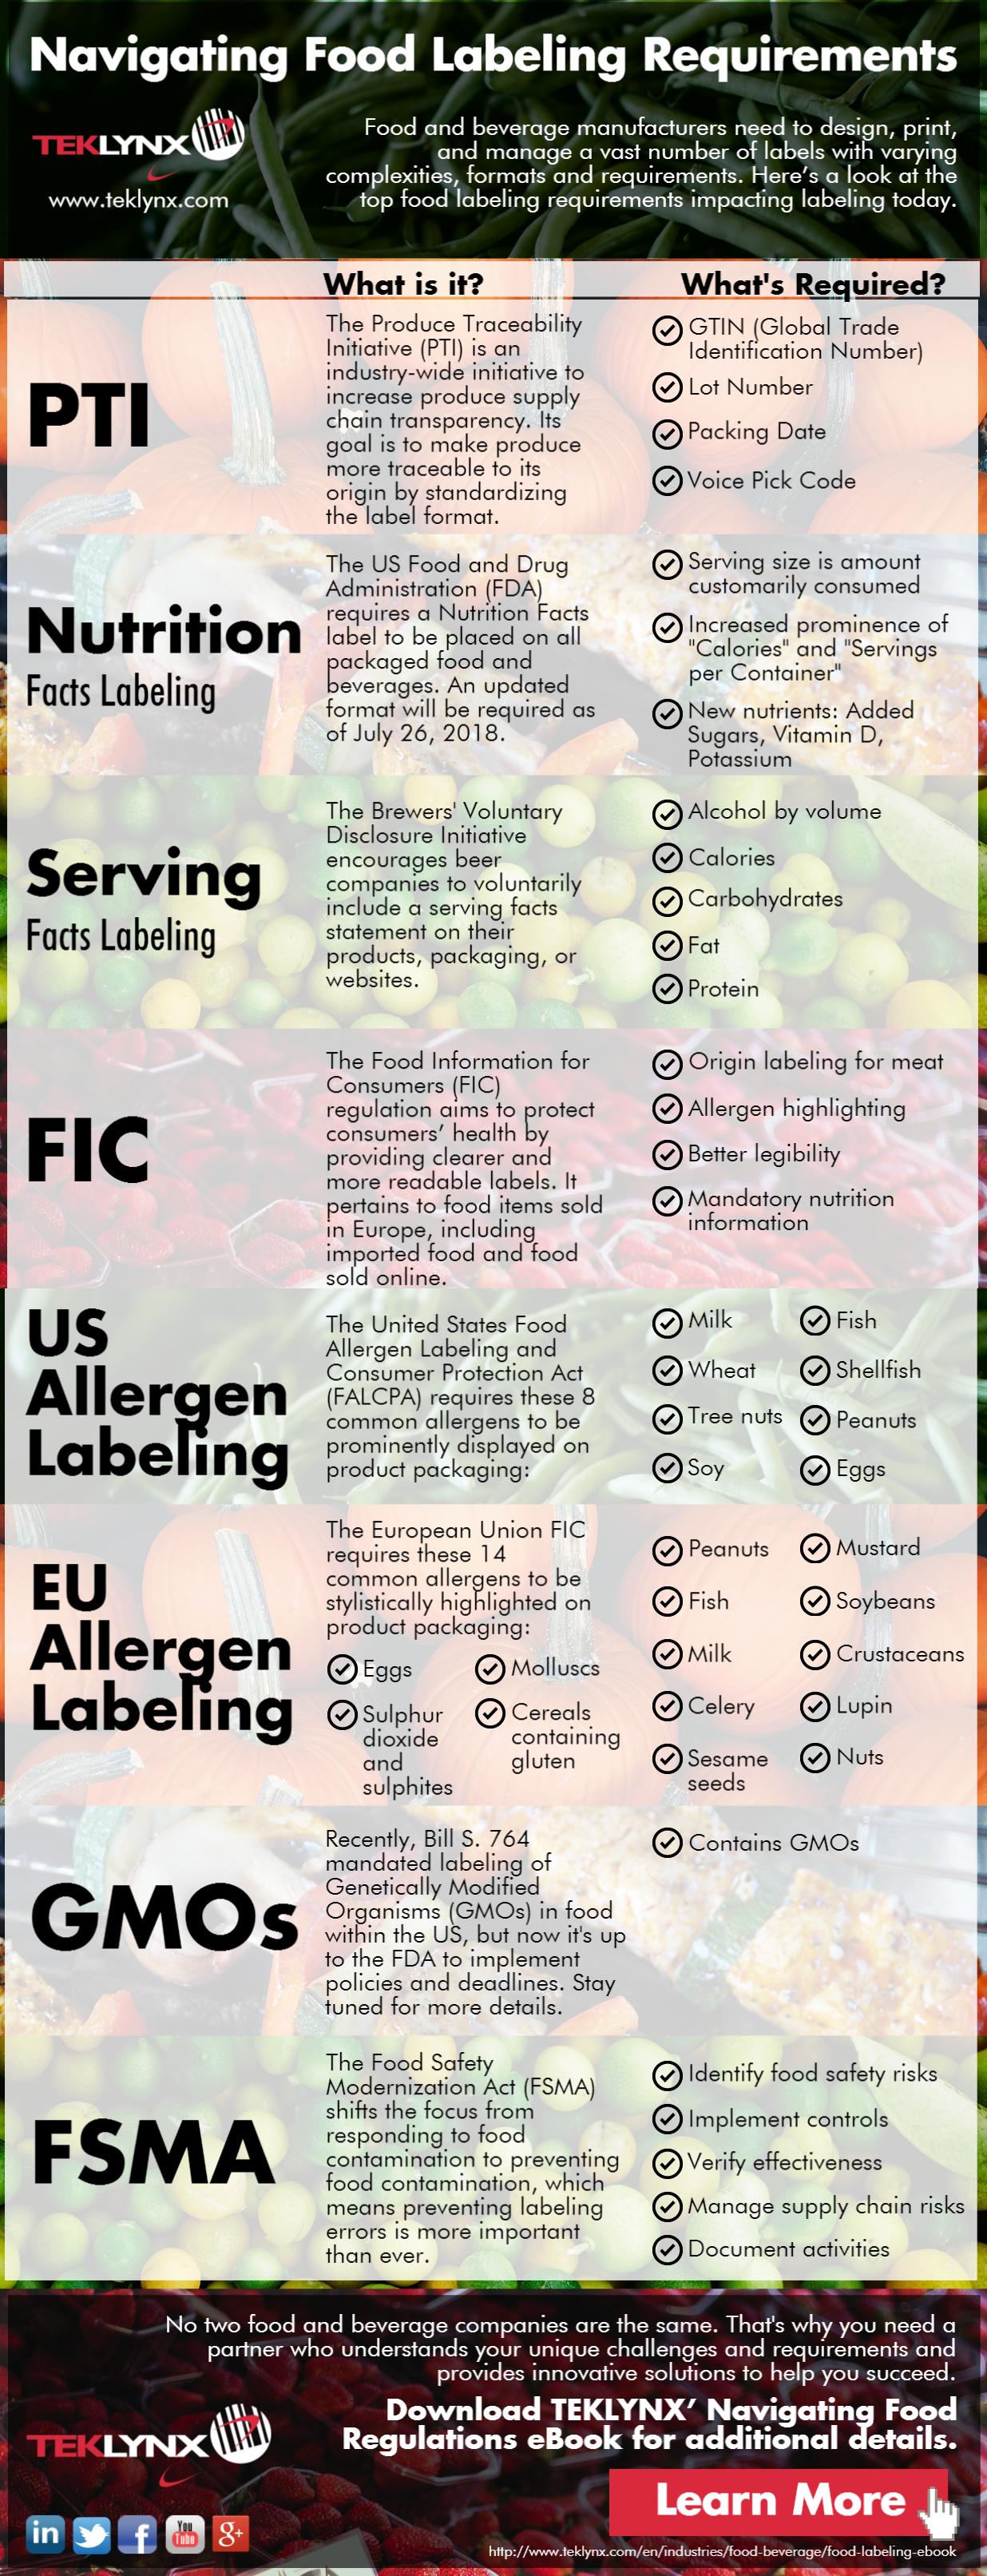 Bilgi grafiği: Yiyecek Etiketleme Gereksinimlerinin Karşılanması